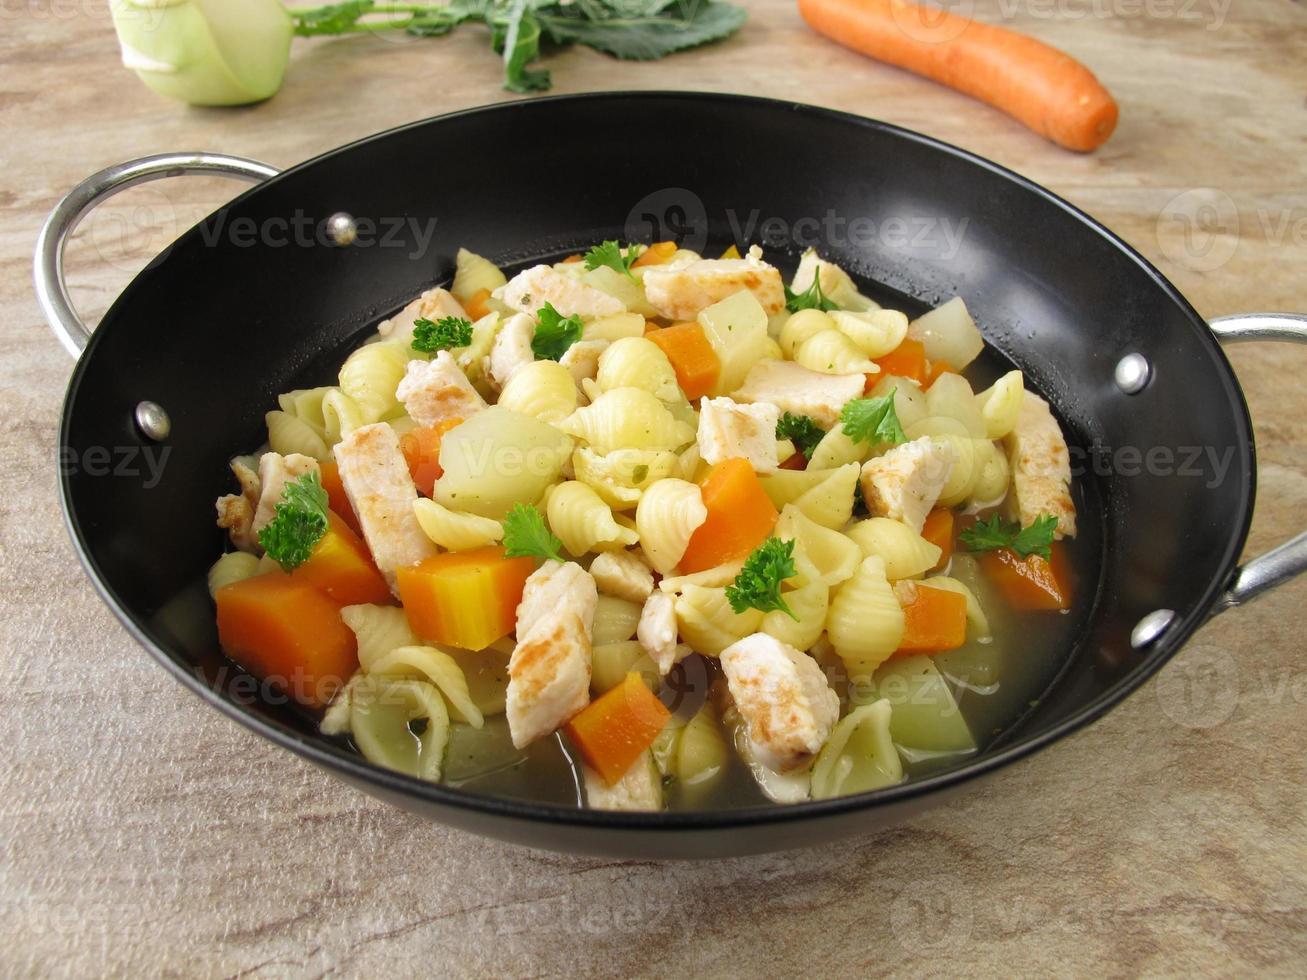 pastapot met groenten foto